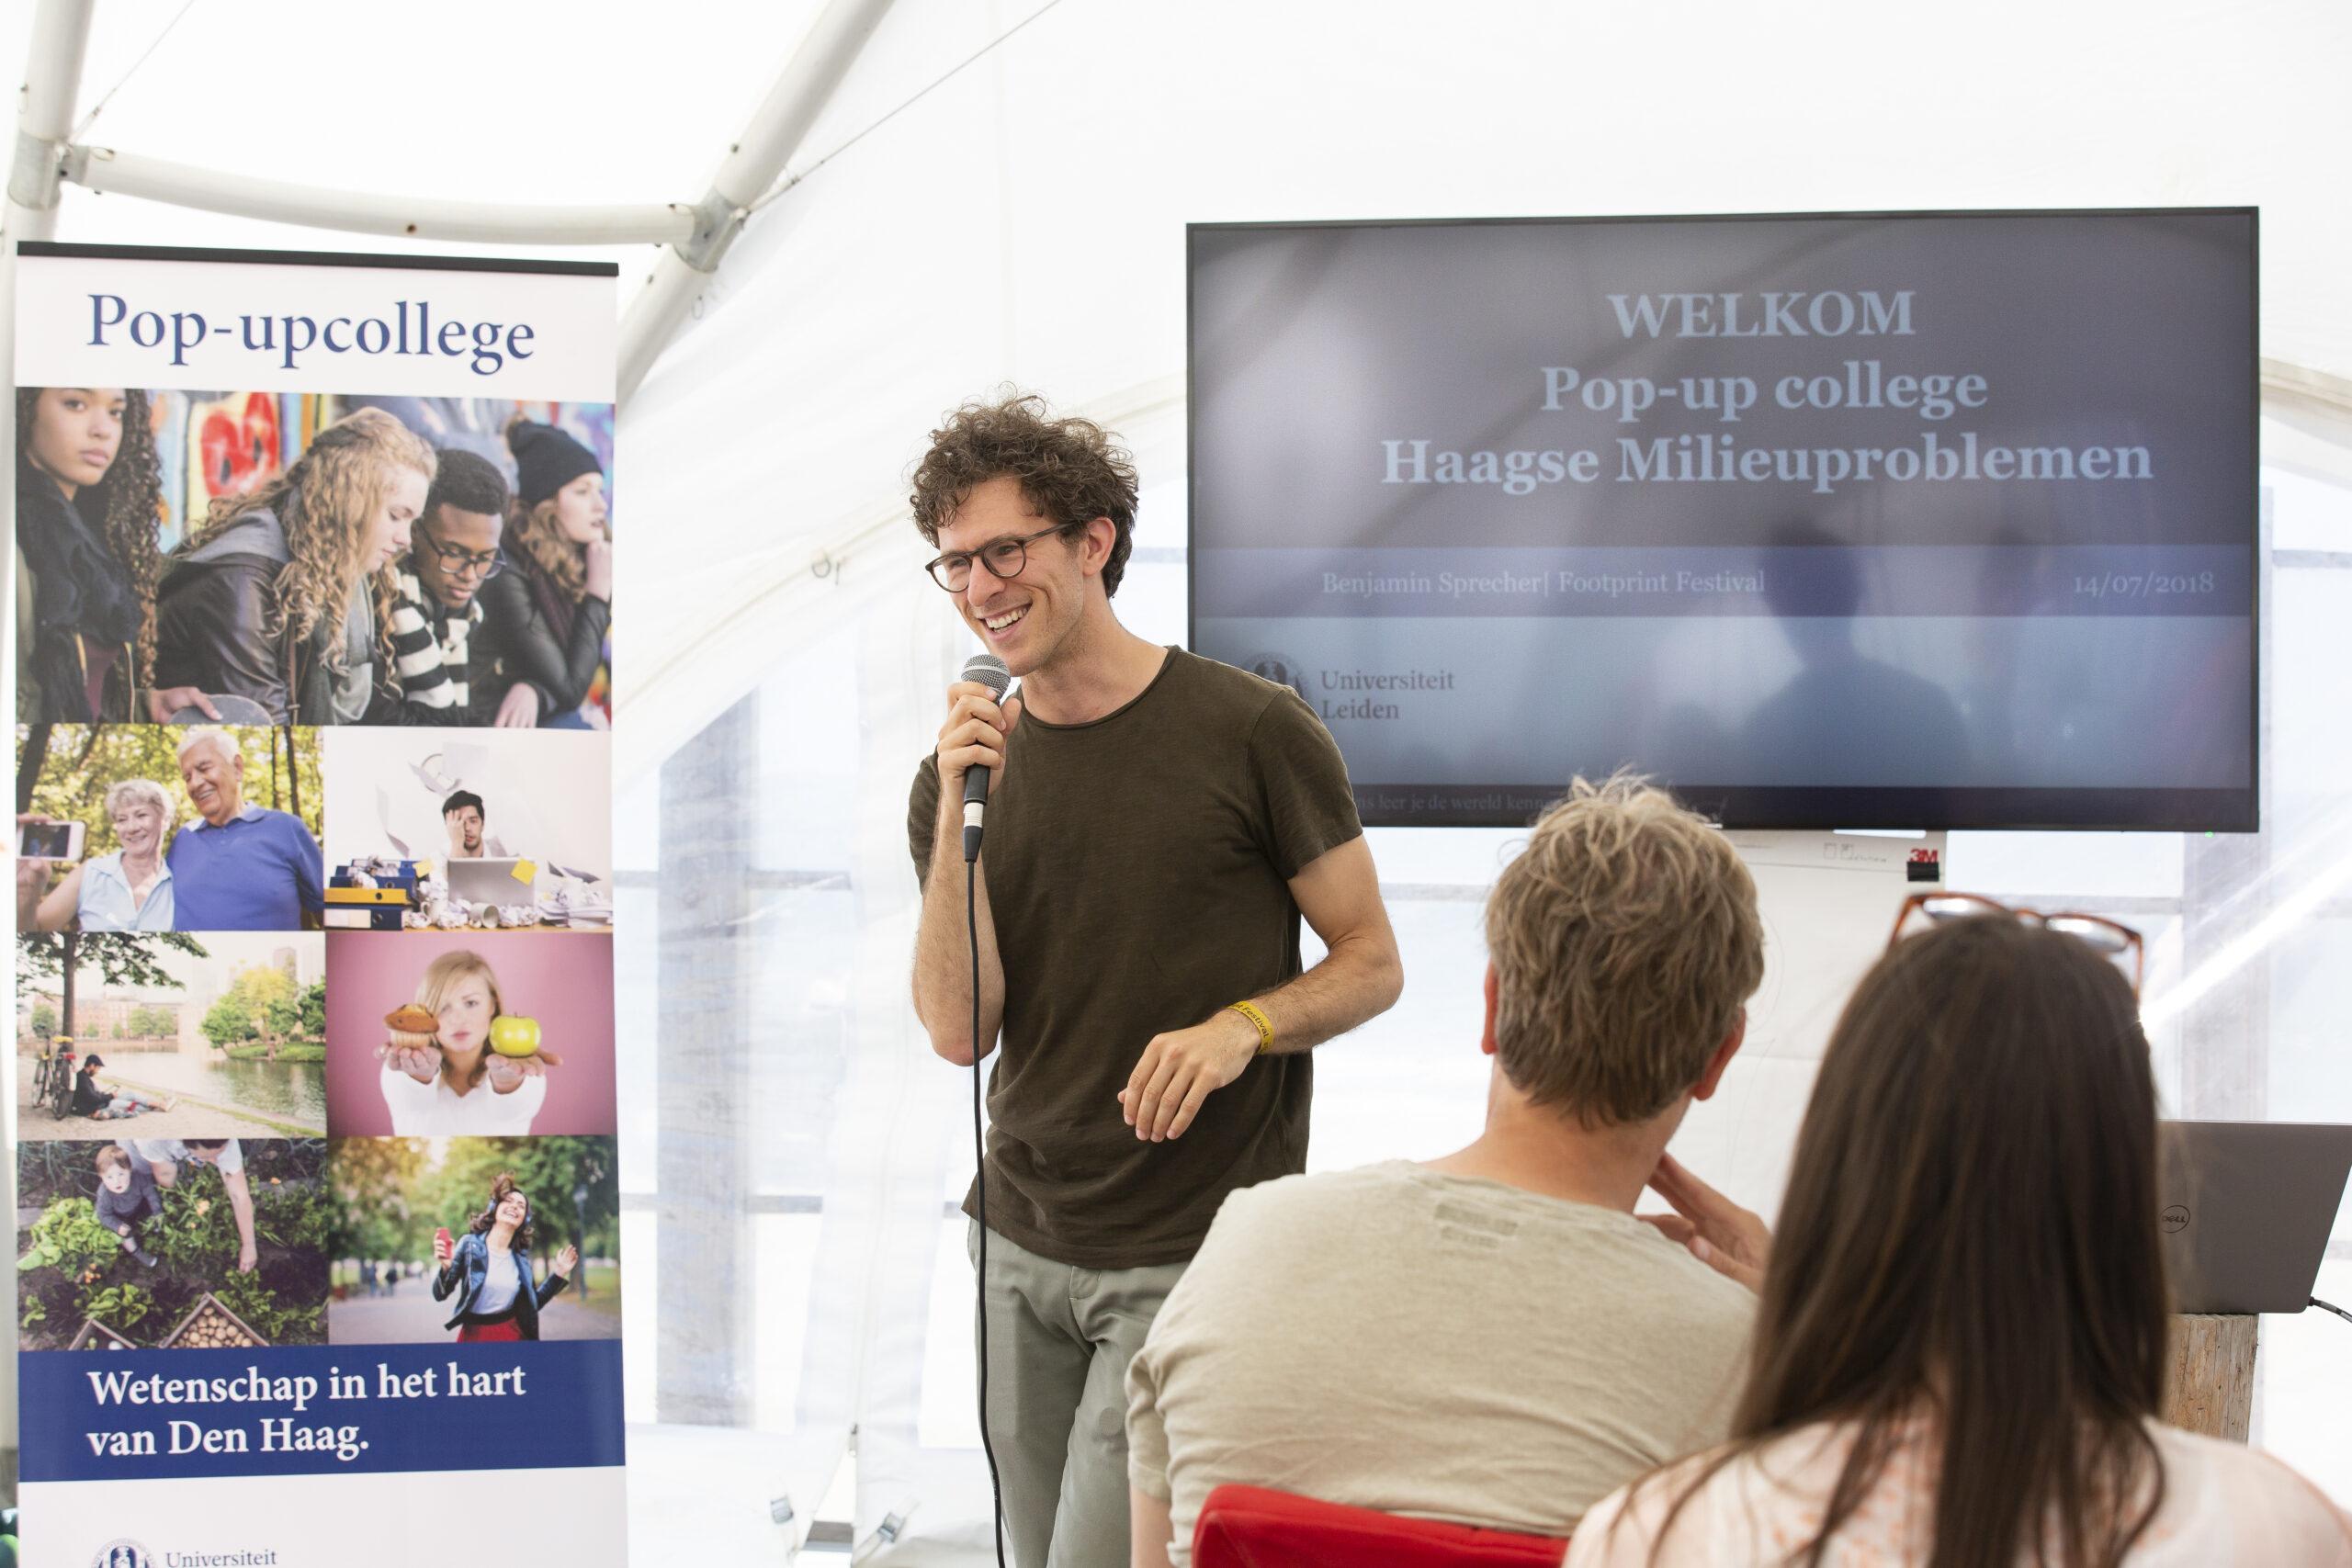 Benjamin Sprecher geeft een gastcollege over Haagse milieuproblemen